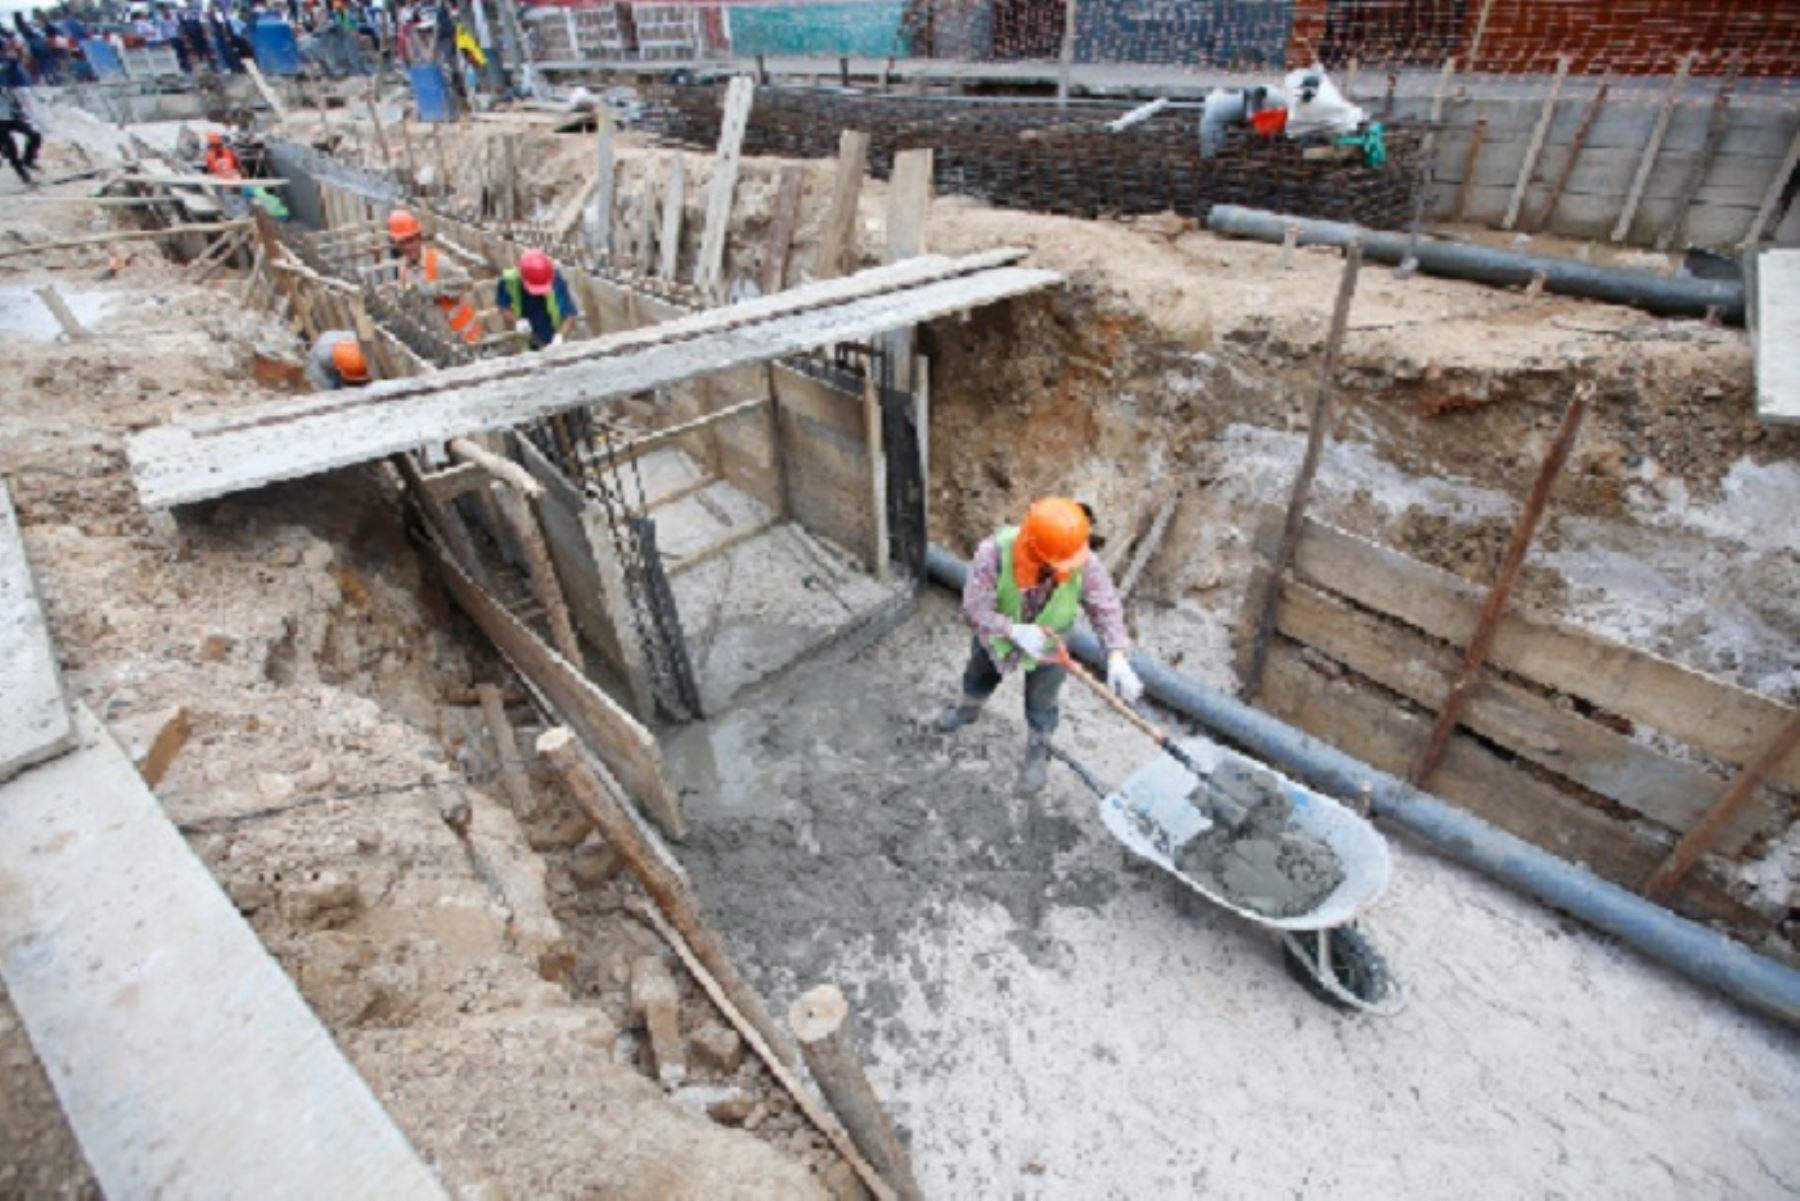 Estas obras se realizarán en los distritos de Juan Guerra y Morales, en la provincia de San Martín; así como en el distrito de San José de Sisa, en la provincia de El Dorado. La culminación de estos trabajos beneficiará a un total de 8 443 ciudadanos.